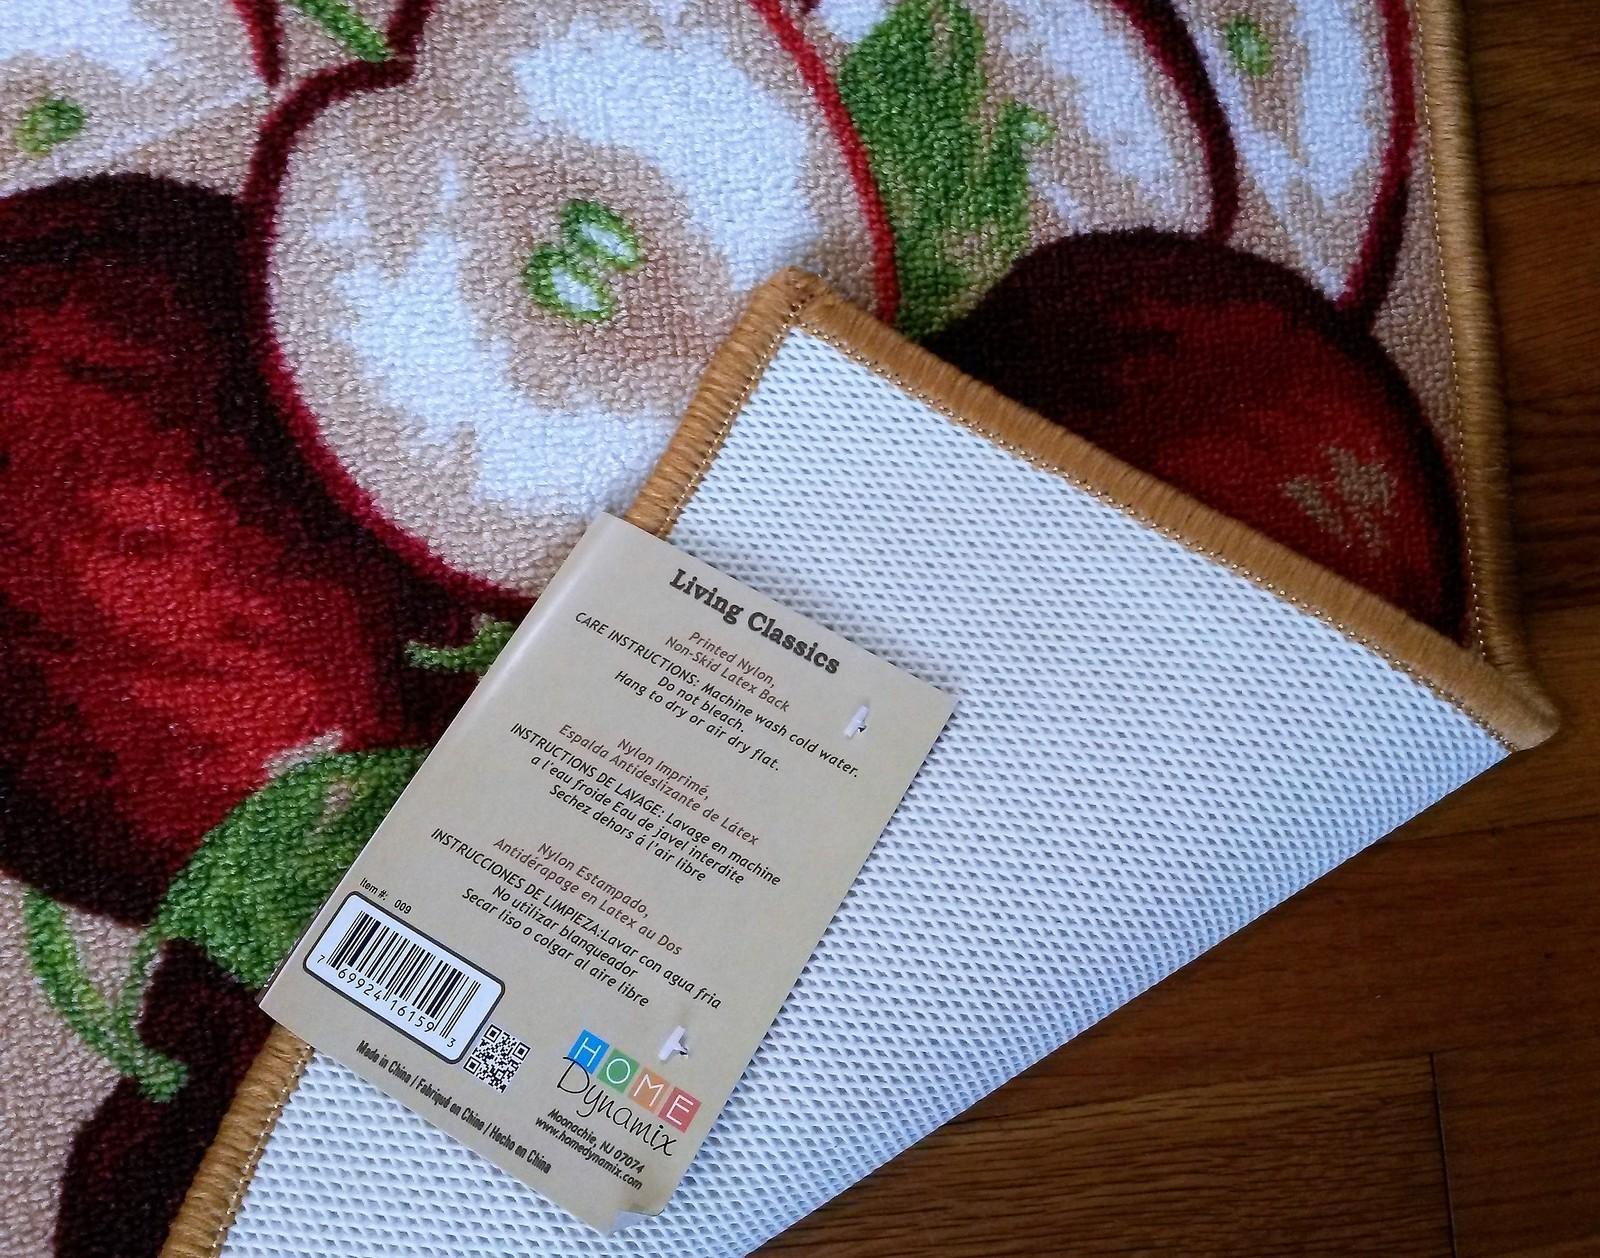 APPLES KITCHEN RUG Floor Mat Red Apple Fruit Slice 30x18 Nylon Non-Skid Backing